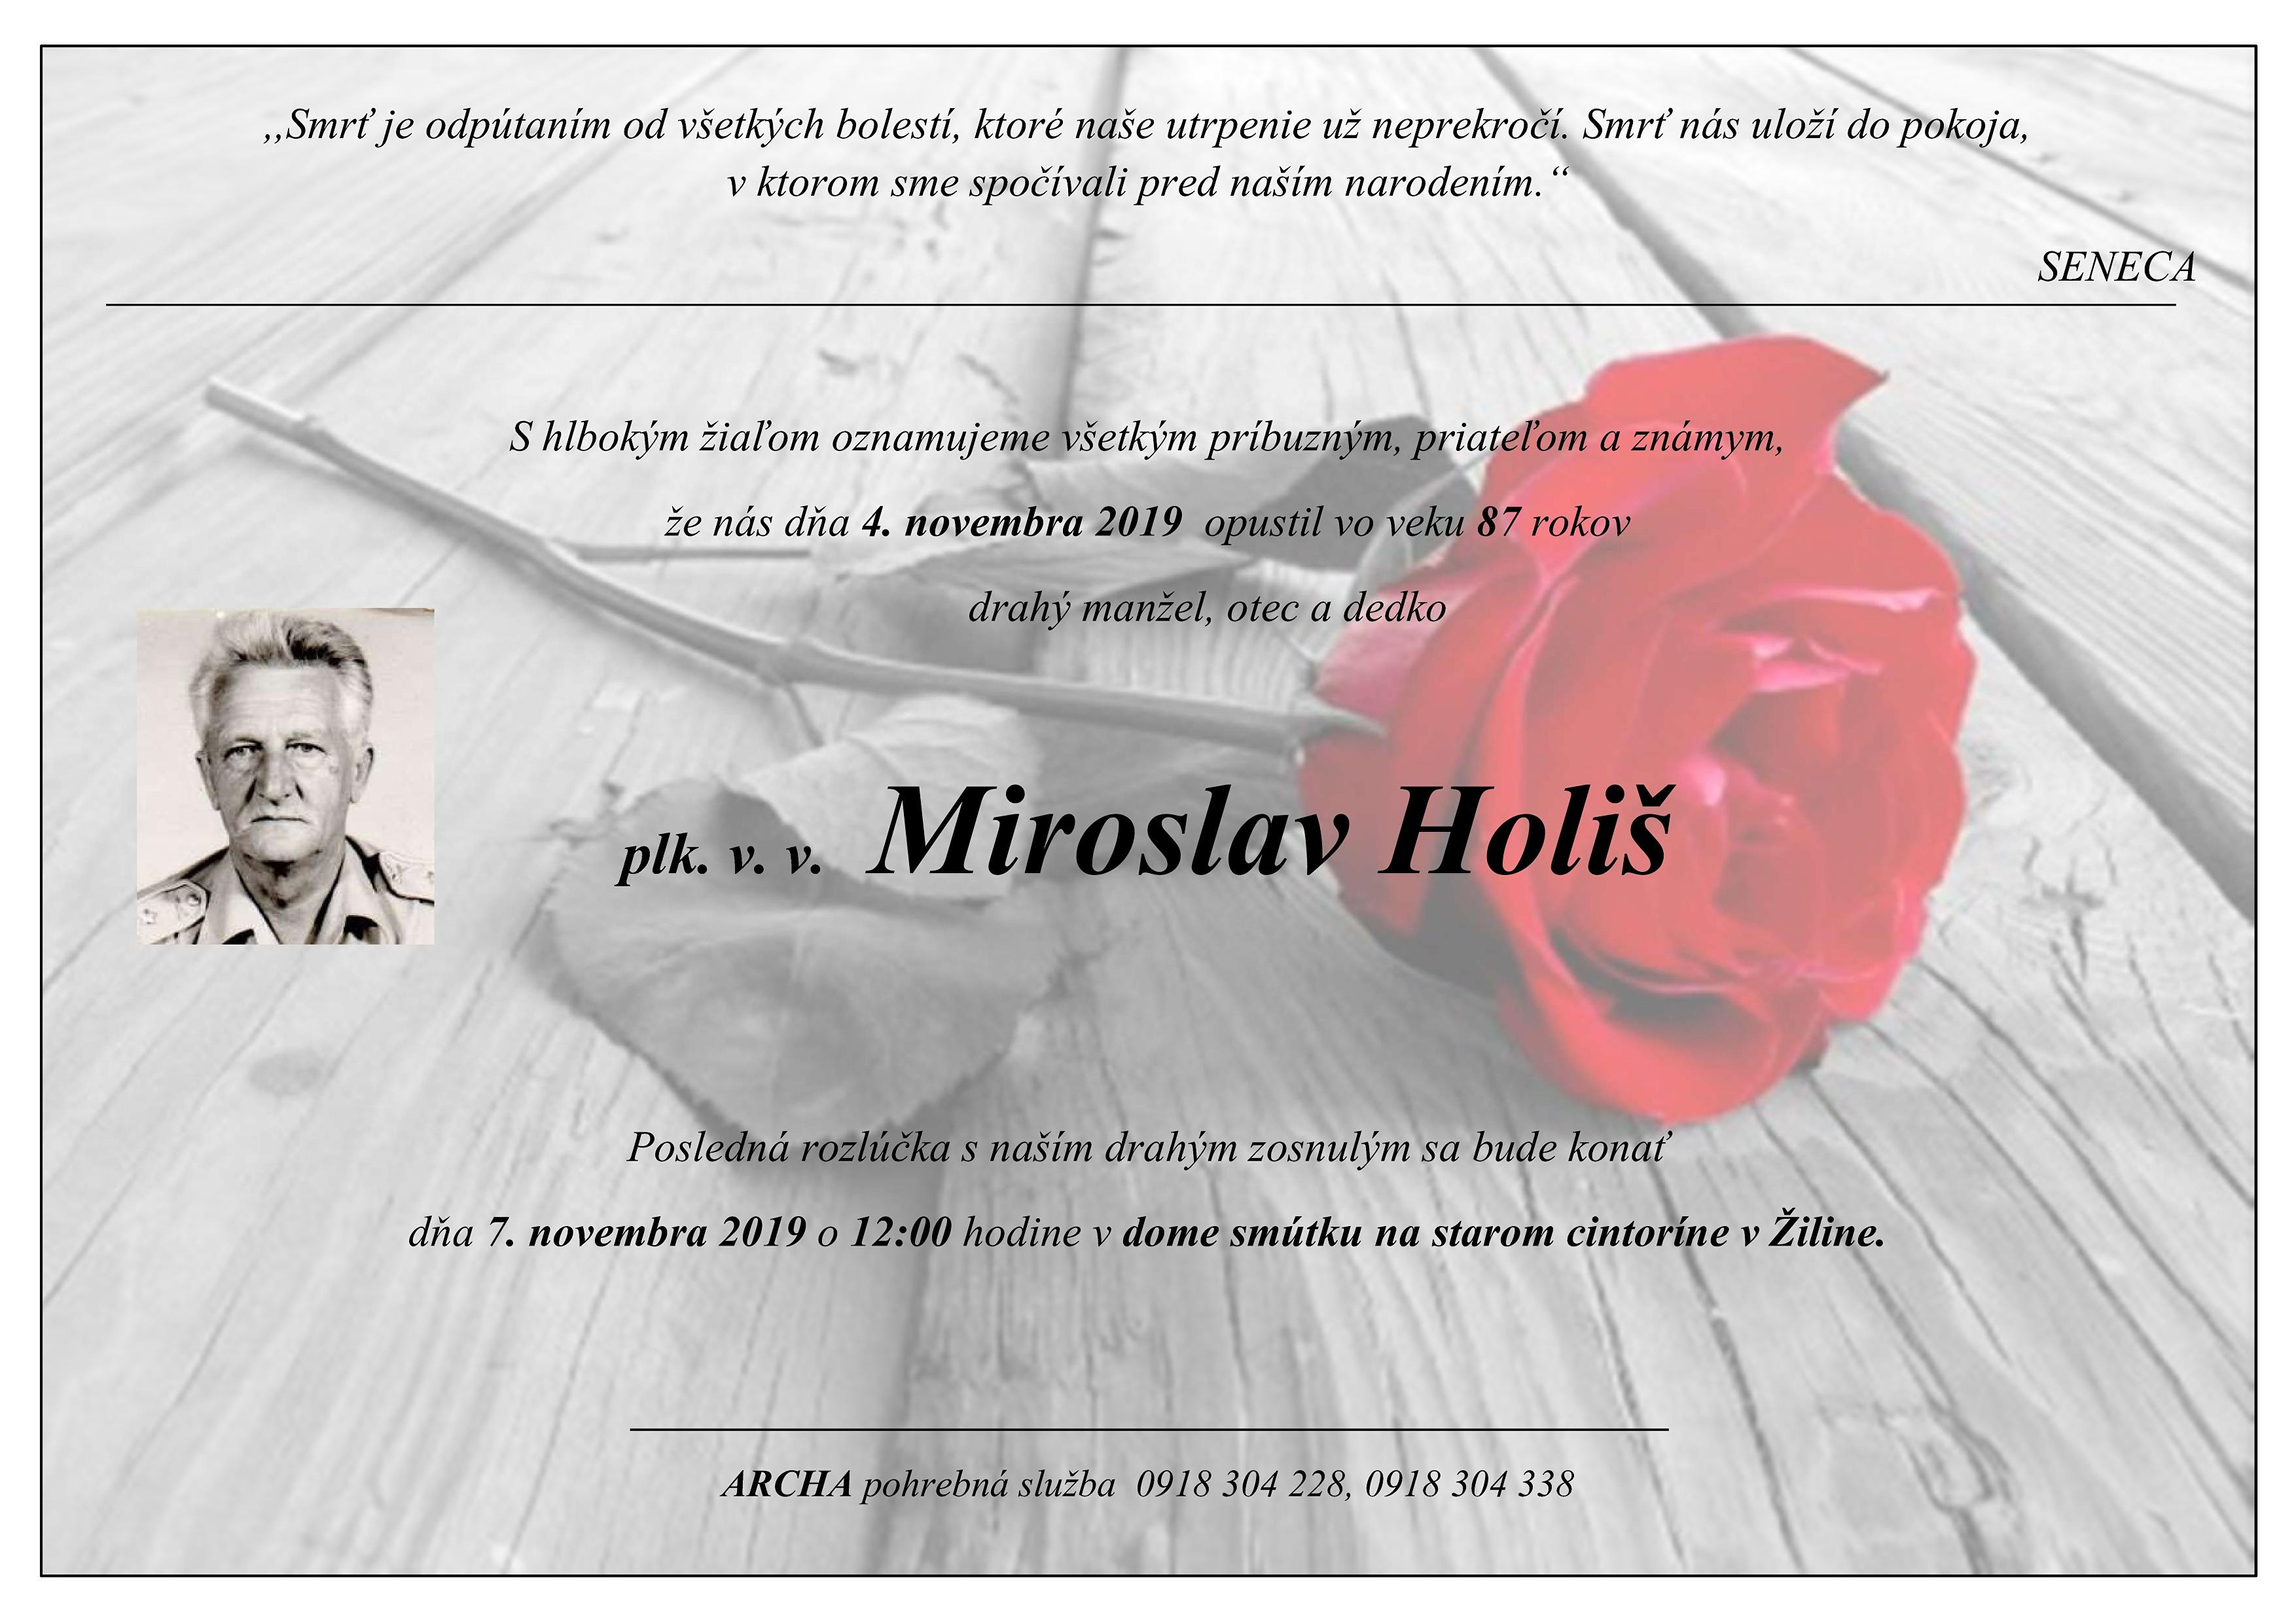 plk. v. v. Miroslav Holiš Parte